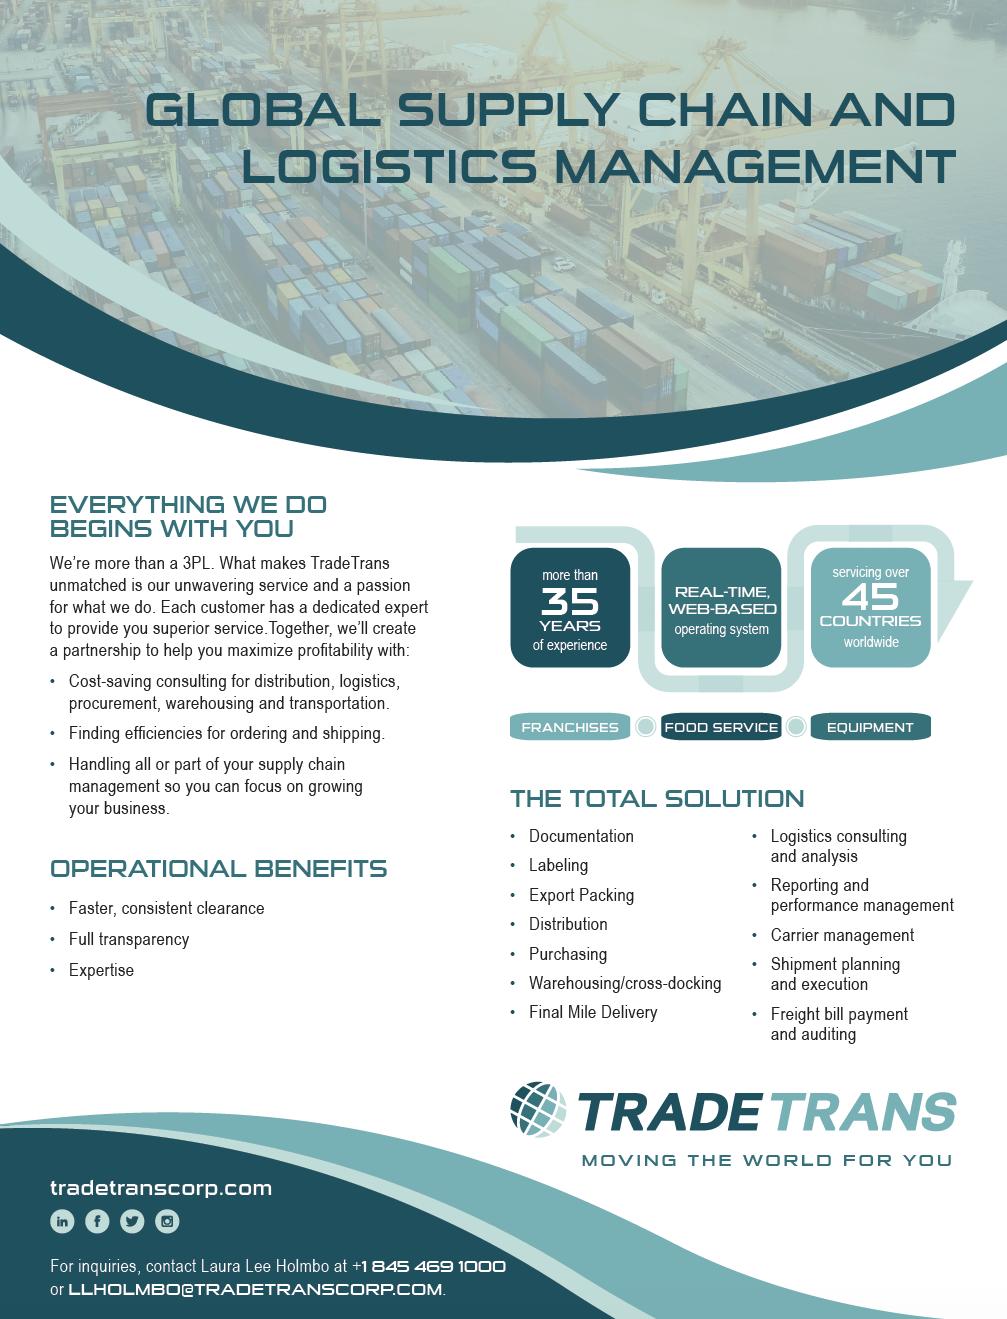 TradeTrans